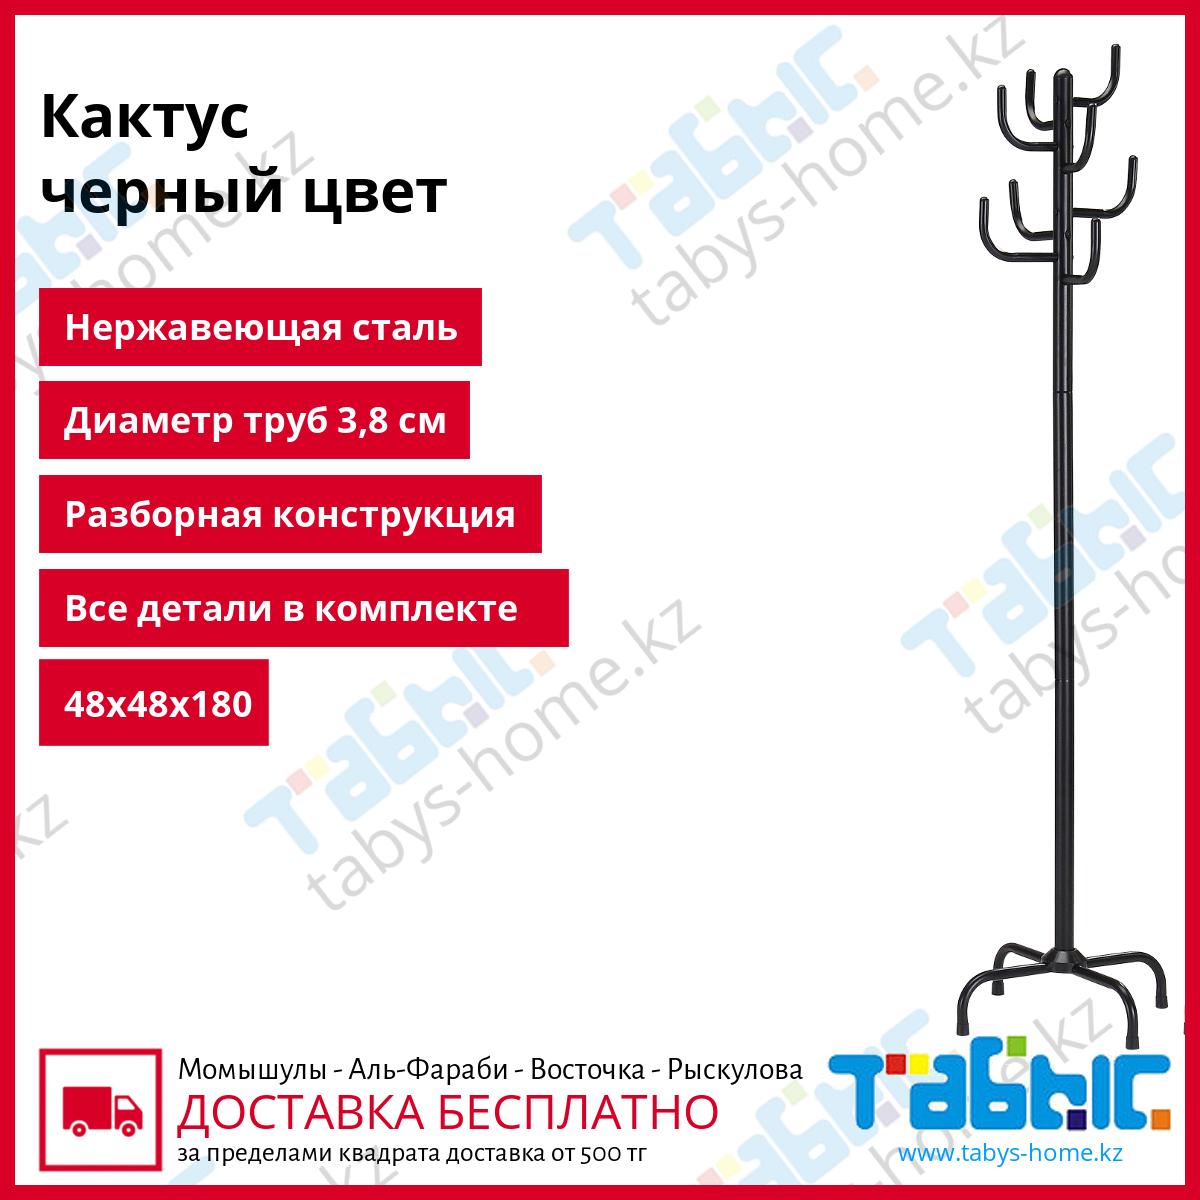 Напольная вешалка для прихожей Табыс Кактус GC 0413-2 (черный цвет)